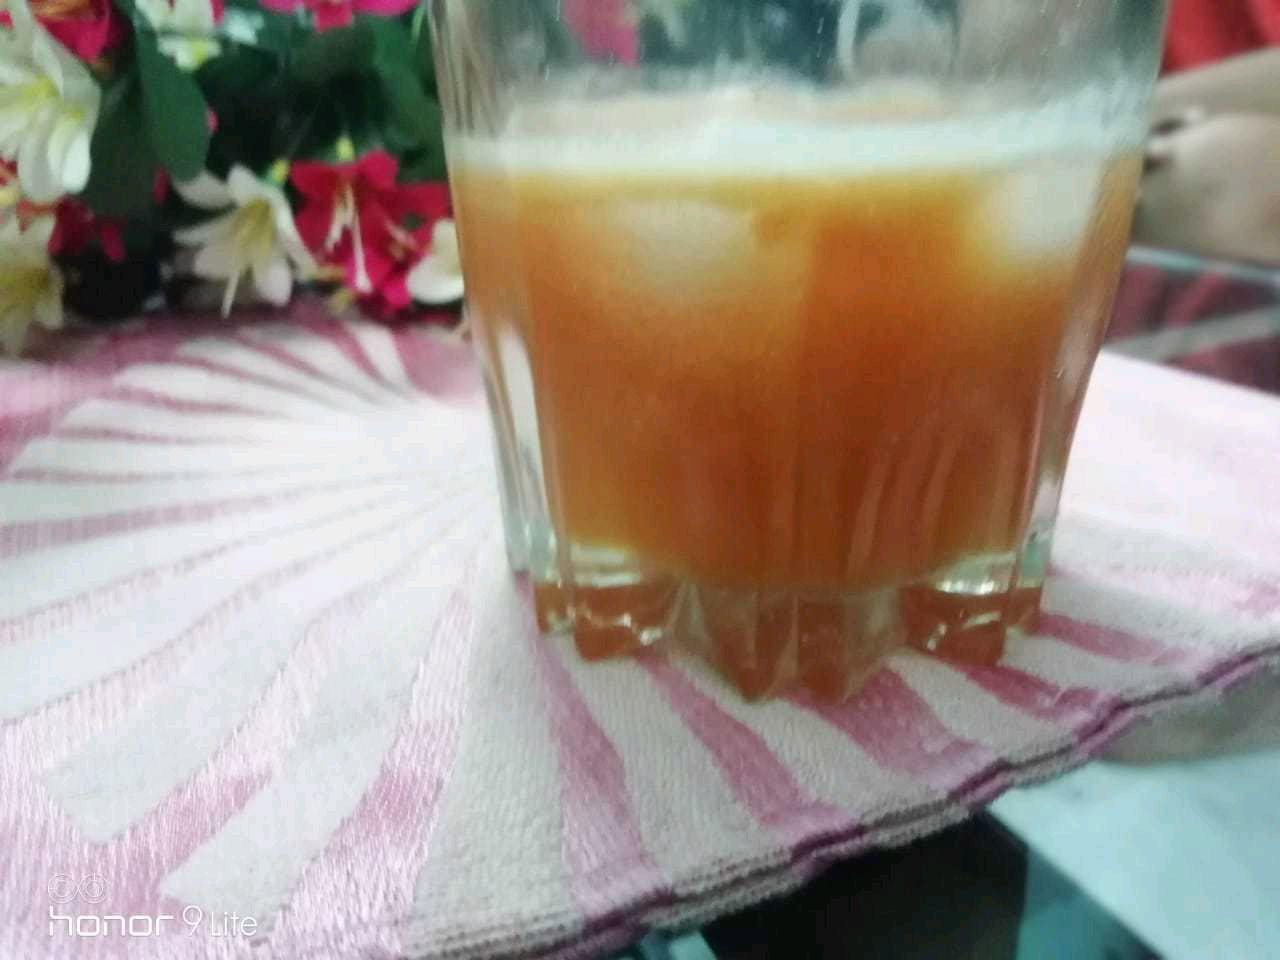 Pineapple-Papaya-orange Mocktail